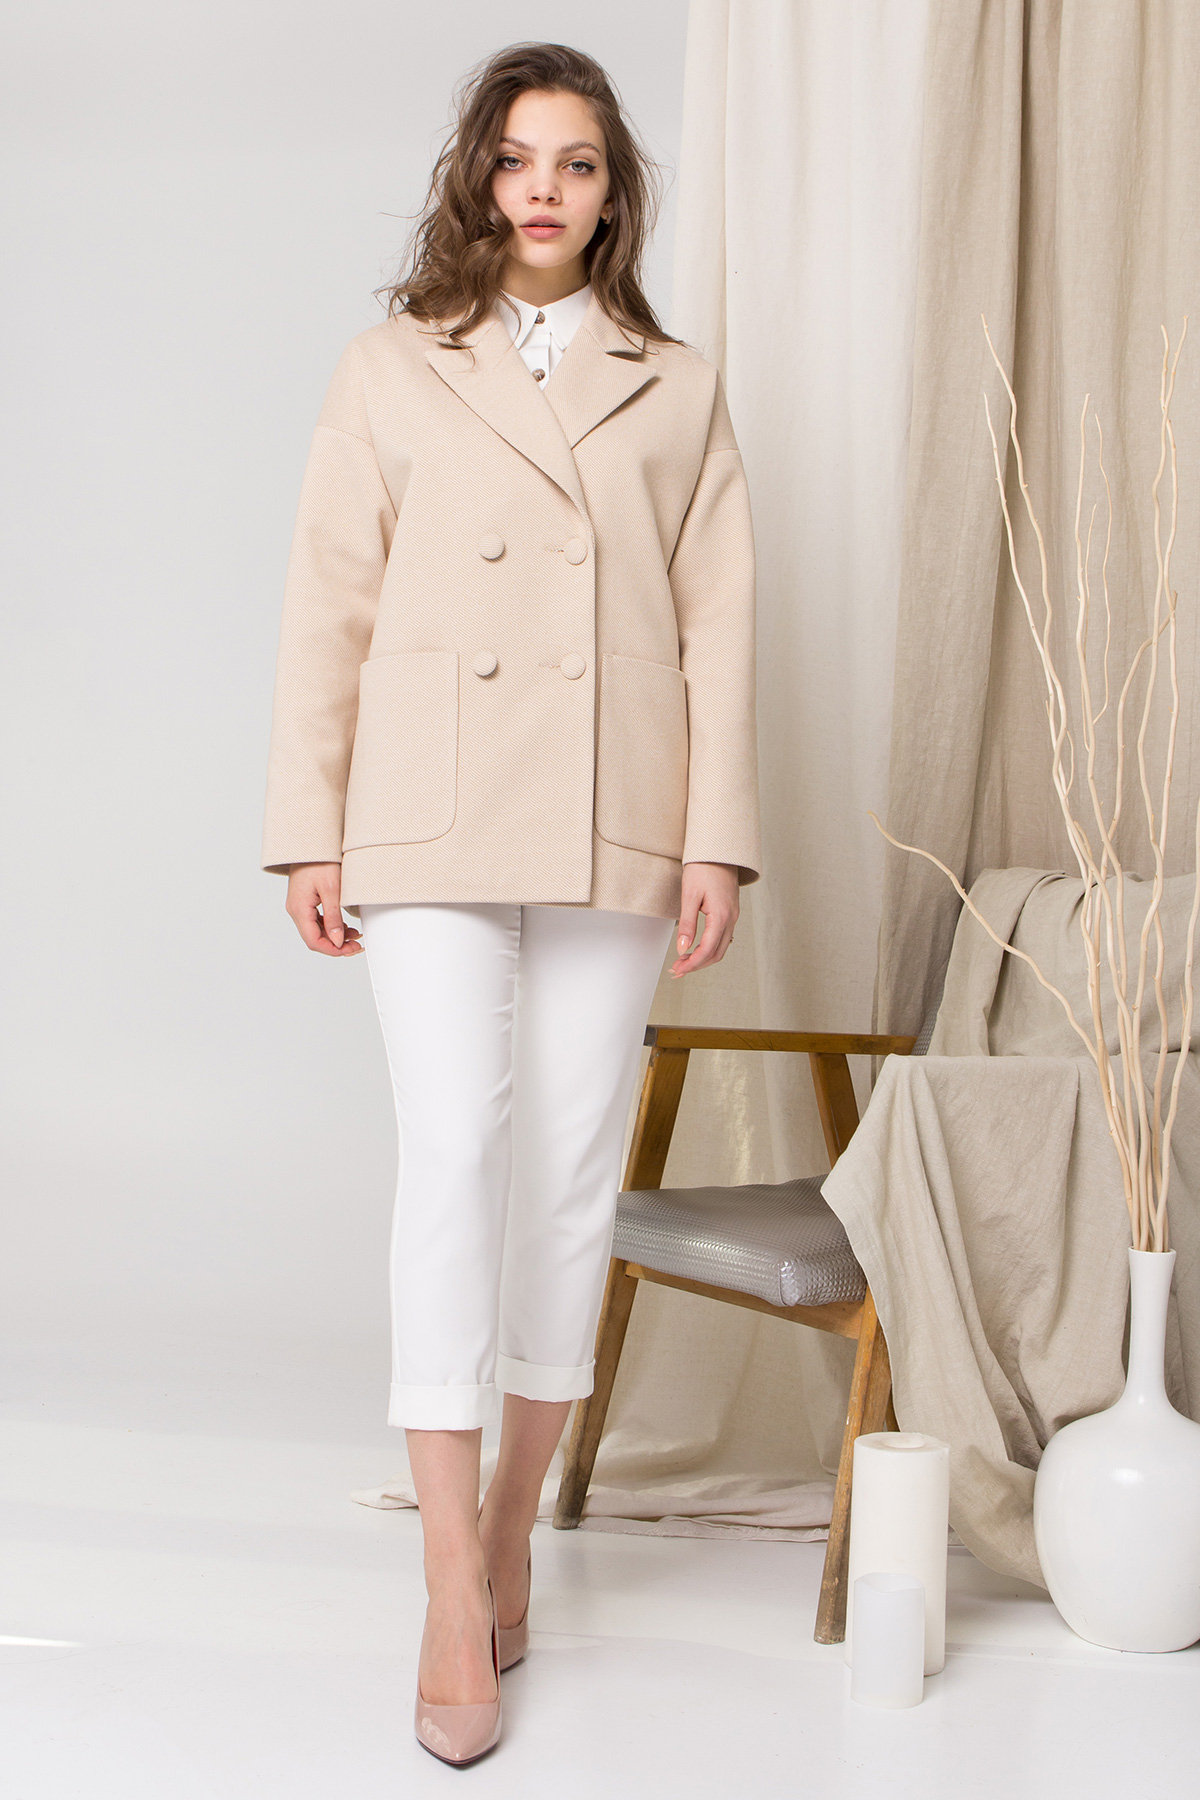 Пальто женские демисезонные недорого от Modus Пальто Мансера 8987